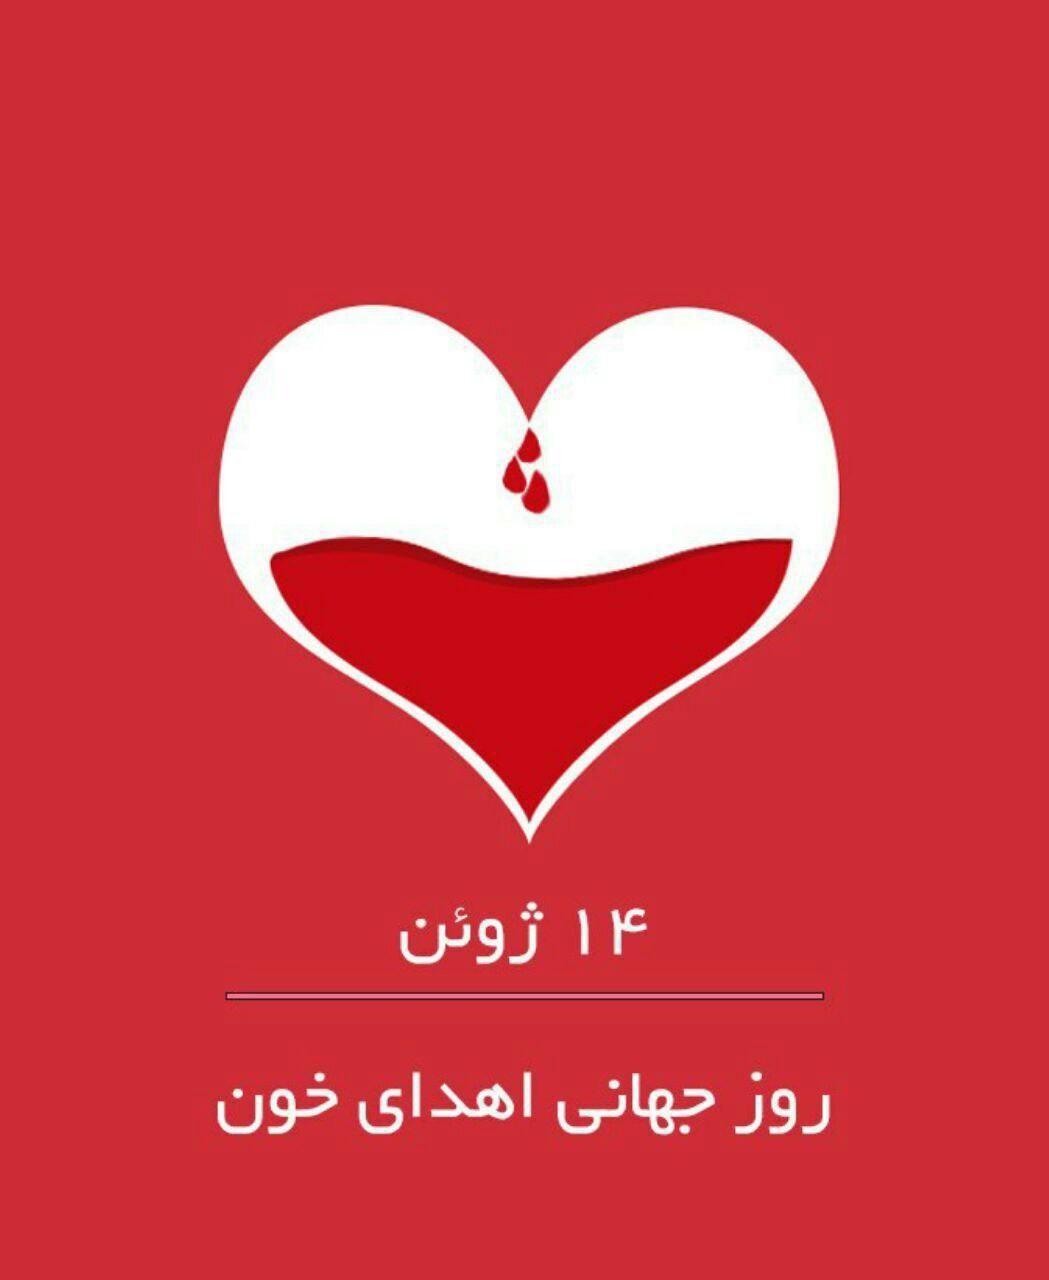 ( 14 ژوئن ) روز جهانی اهدای خون